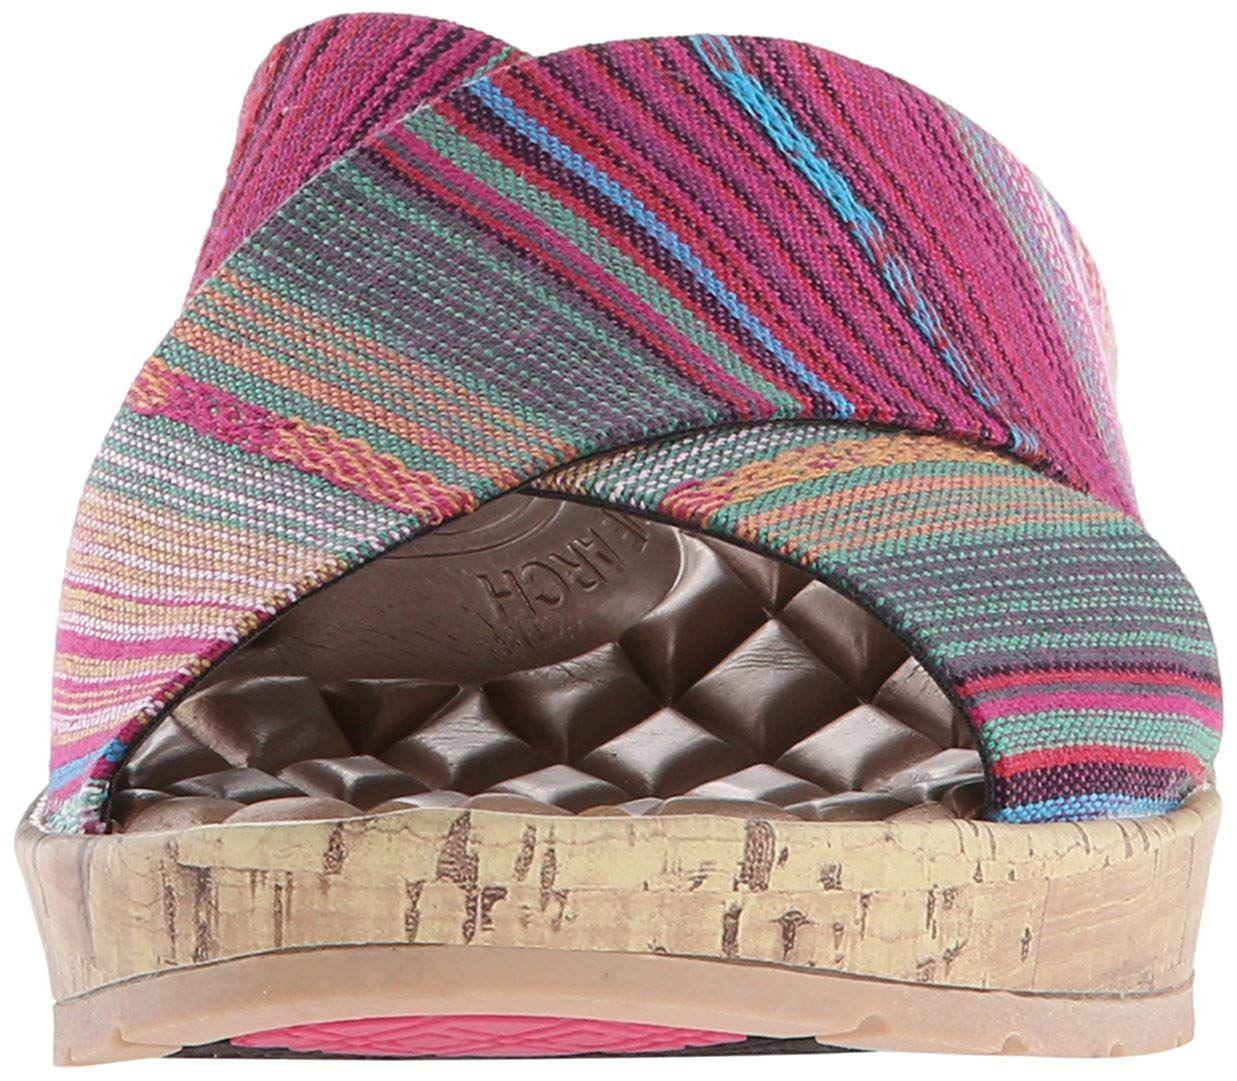 e85fa7439b56 LifeStride - Pink Women s Positive Slide Sandal - Lyst. View fullscreen